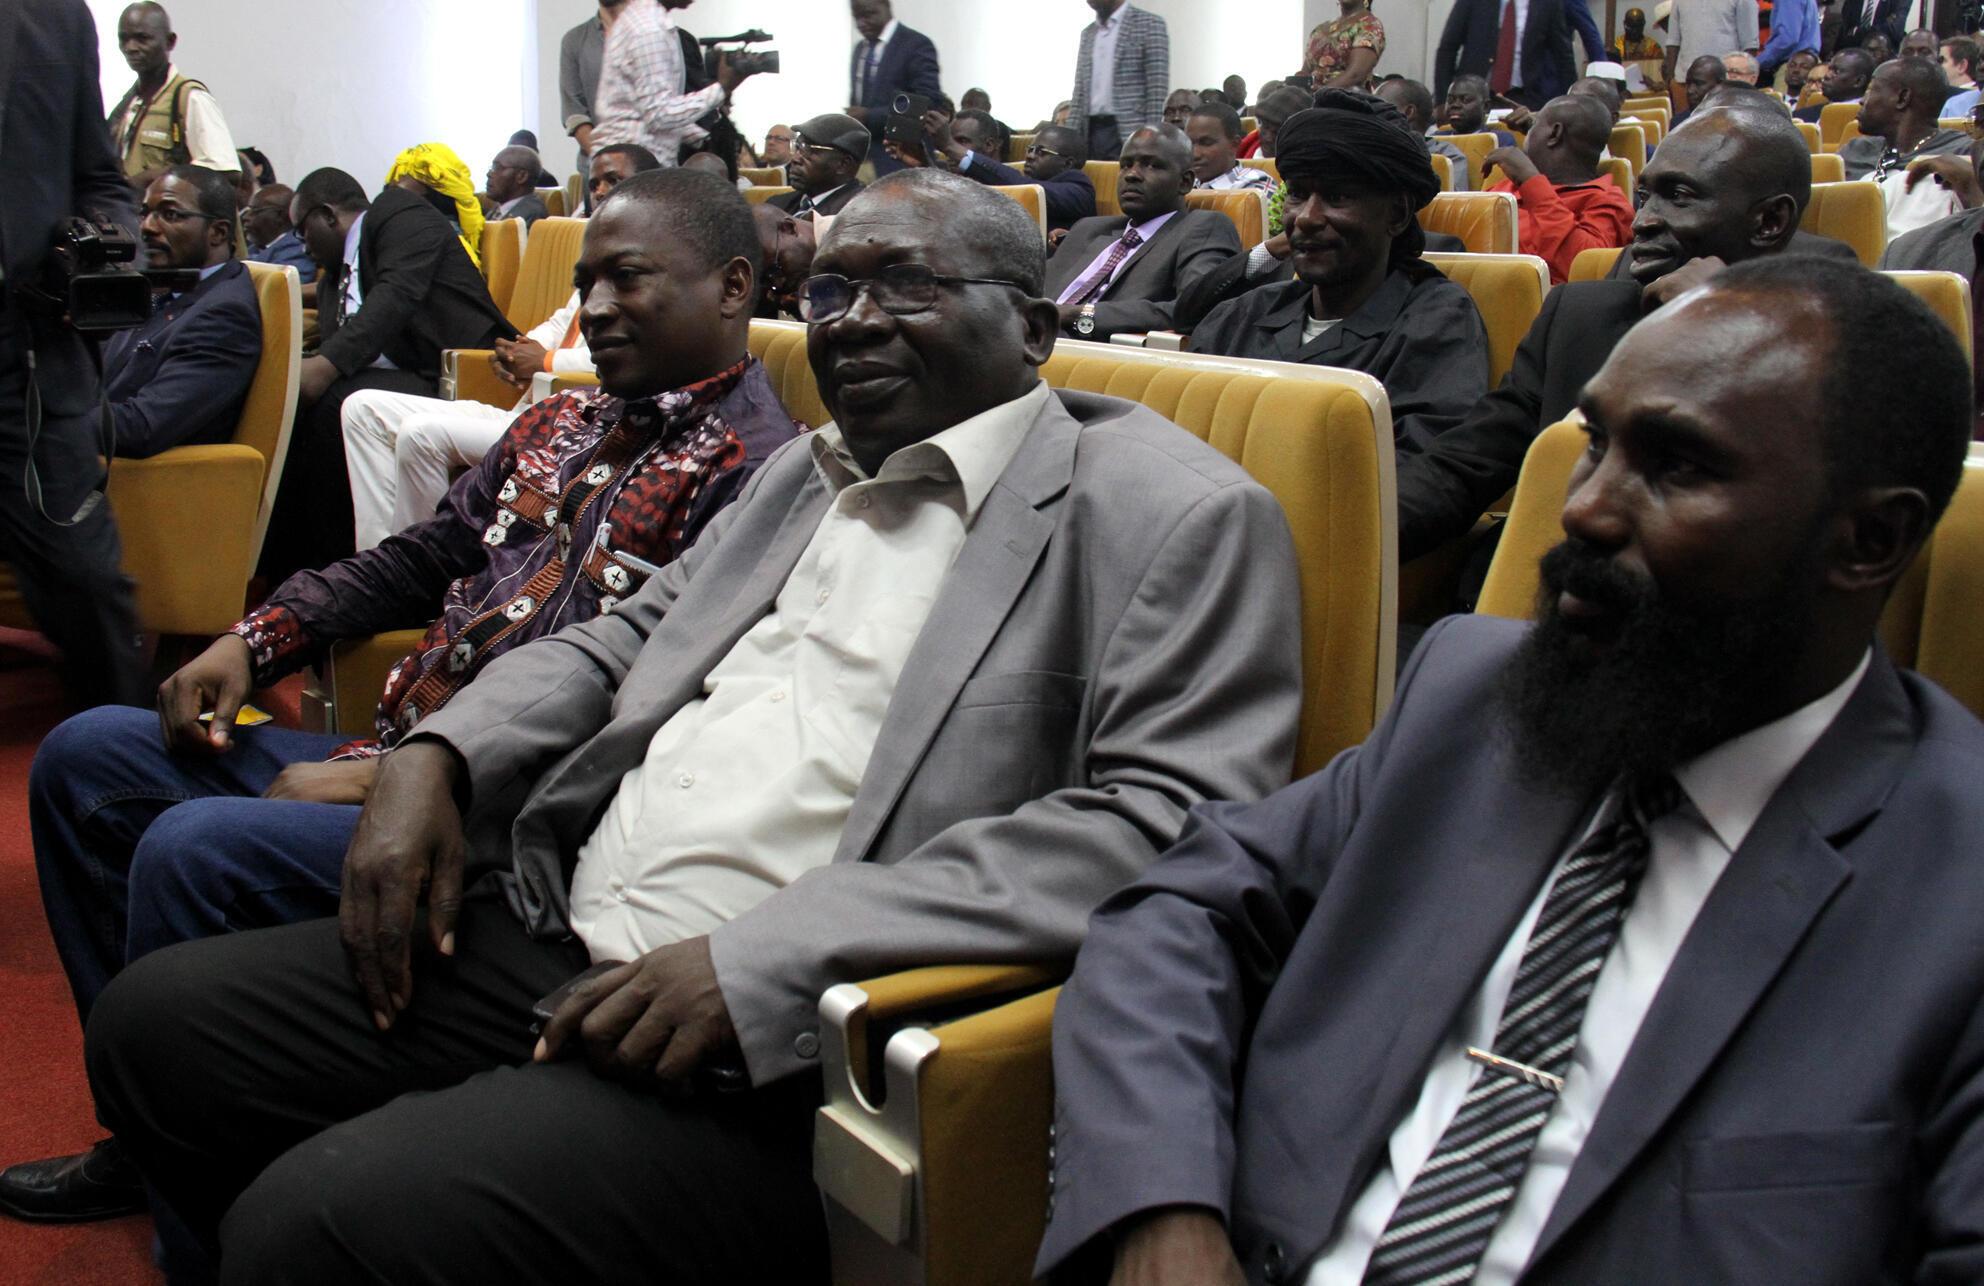 Des représentants des groupes armés lors de la signature de l'accord de Khartoum à Bangui, le 3 mars 2019. Parmi eux, Souleymane Daouda (3e à g.) et Maxime Mokom (1er à dr.) sont devenus respectivement ministres de l'Elevage et du DDR.